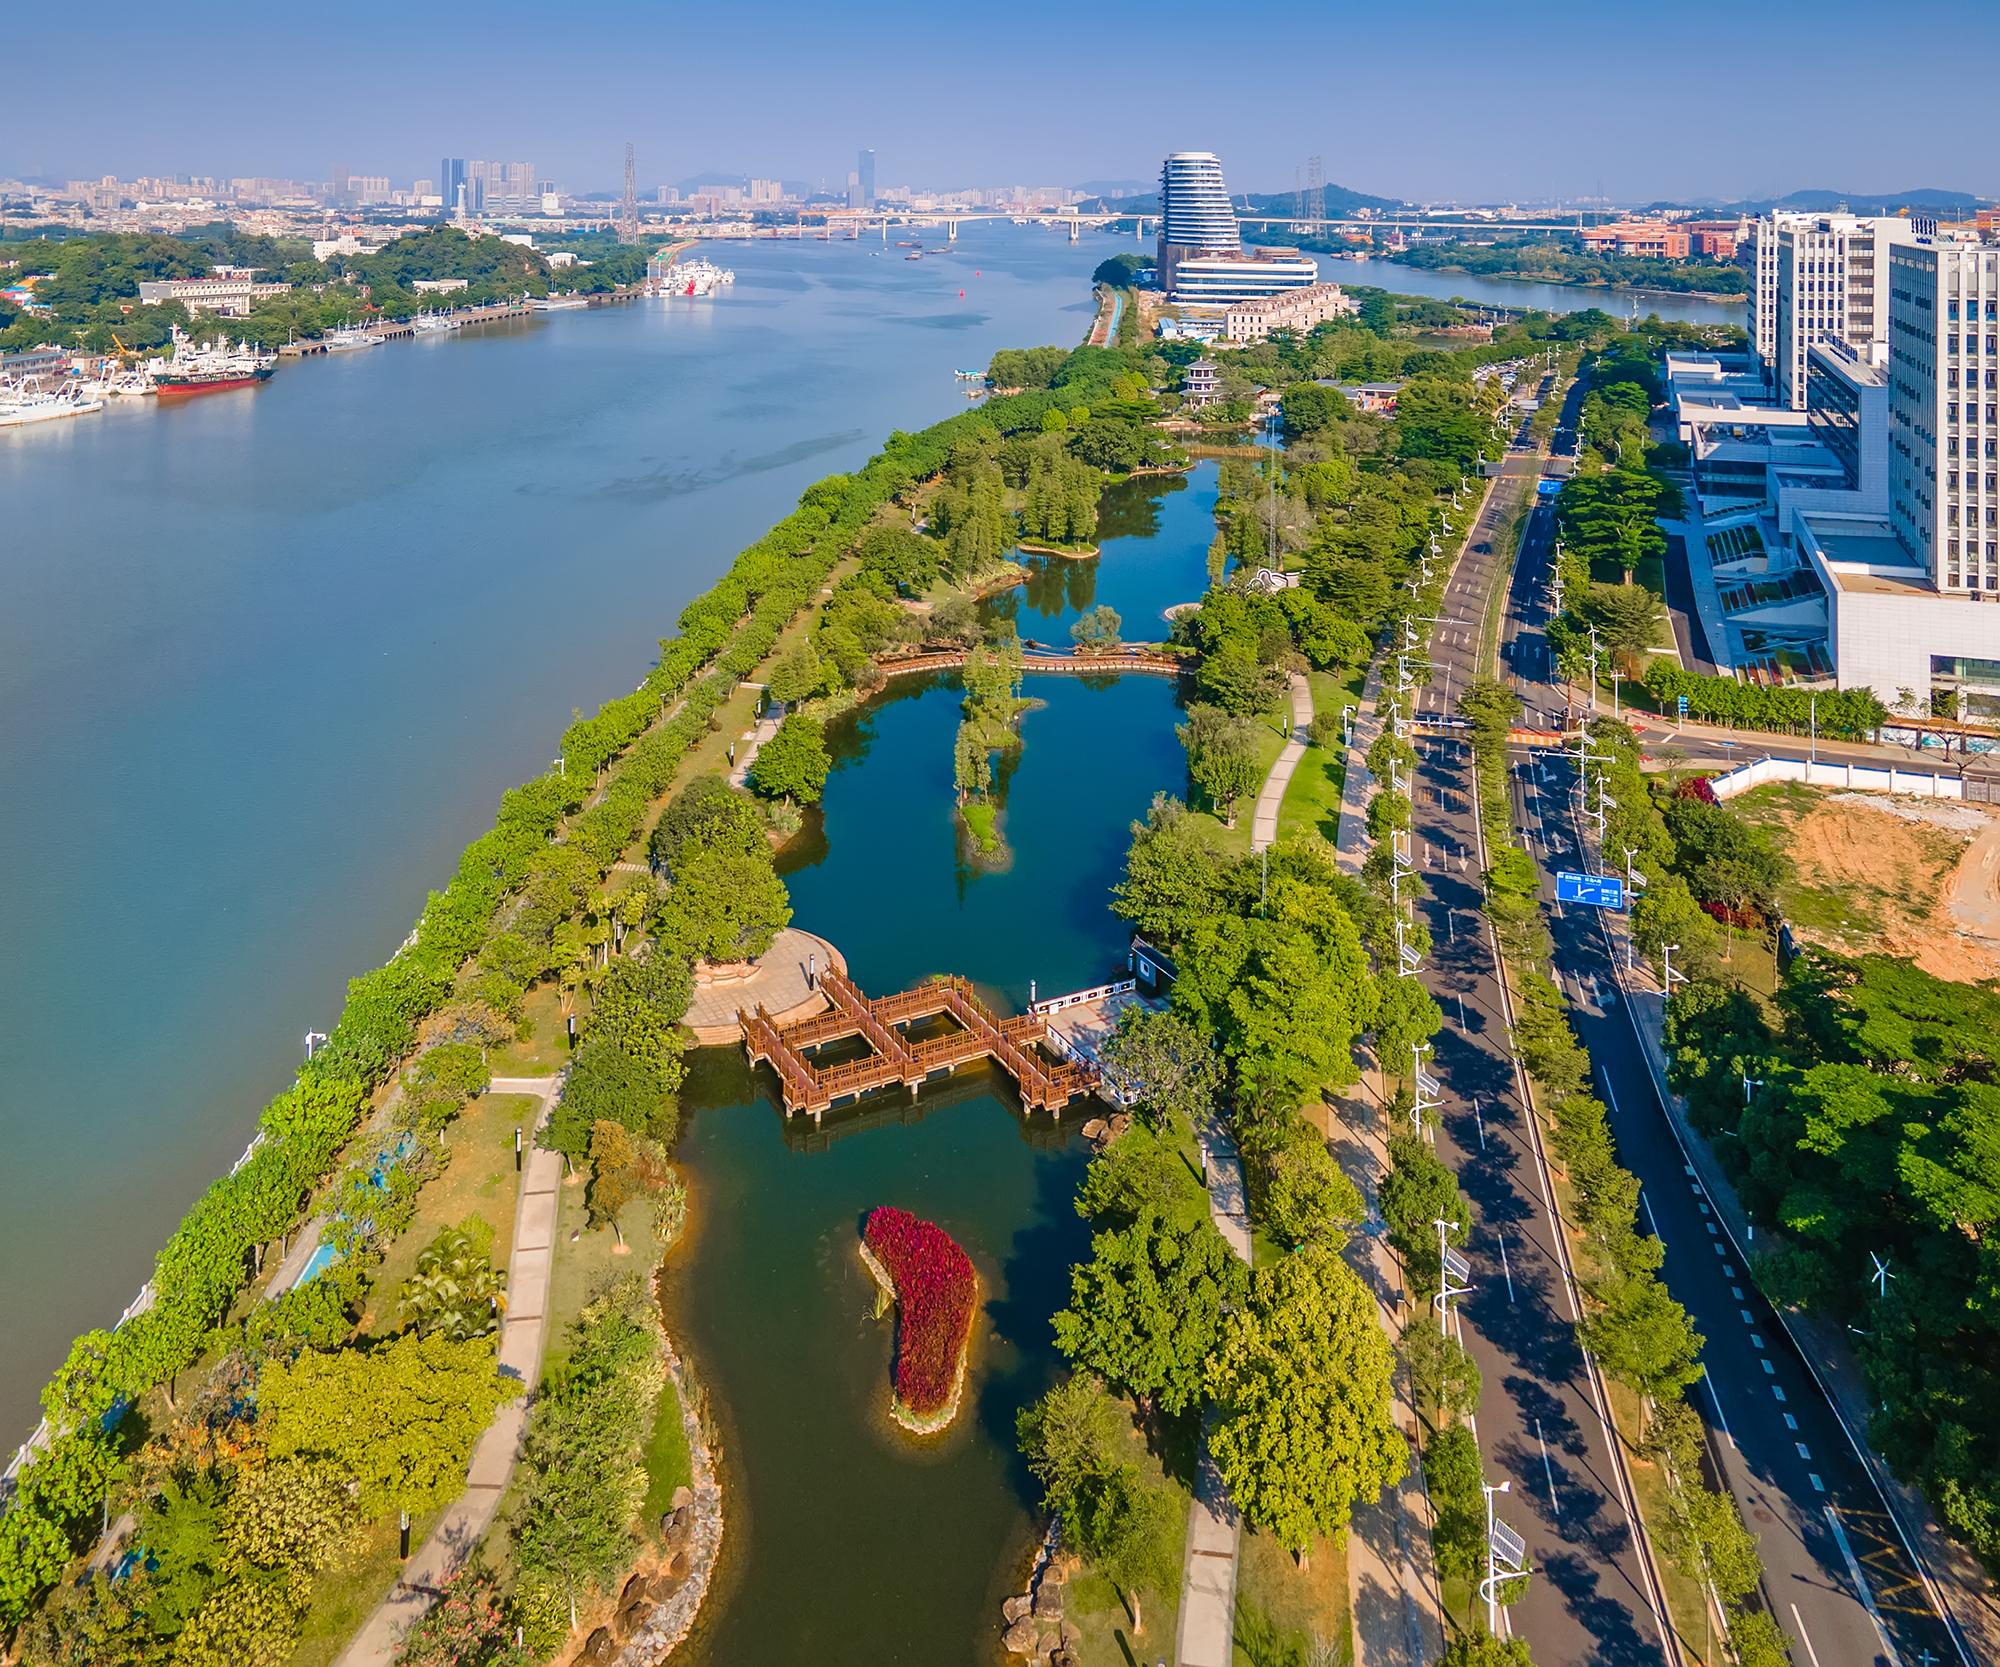 -依水而建(生物岛) 来源:广州市水务局